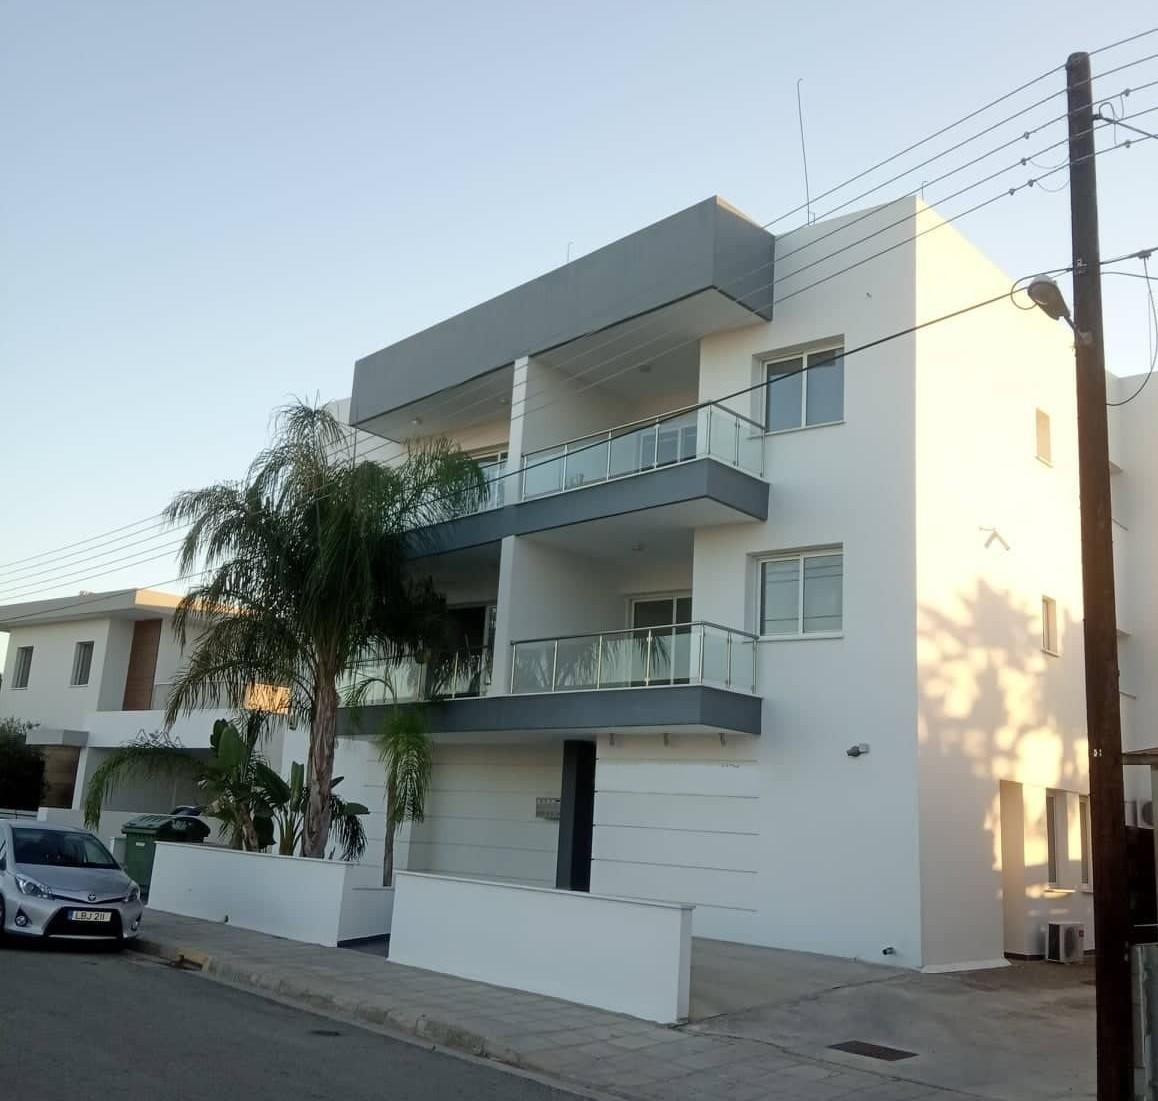 Недвижимость на Продажу: Инвестиции (Жилая недвижимость), Аглантсиа, Никосия | Key Realtor Кипр